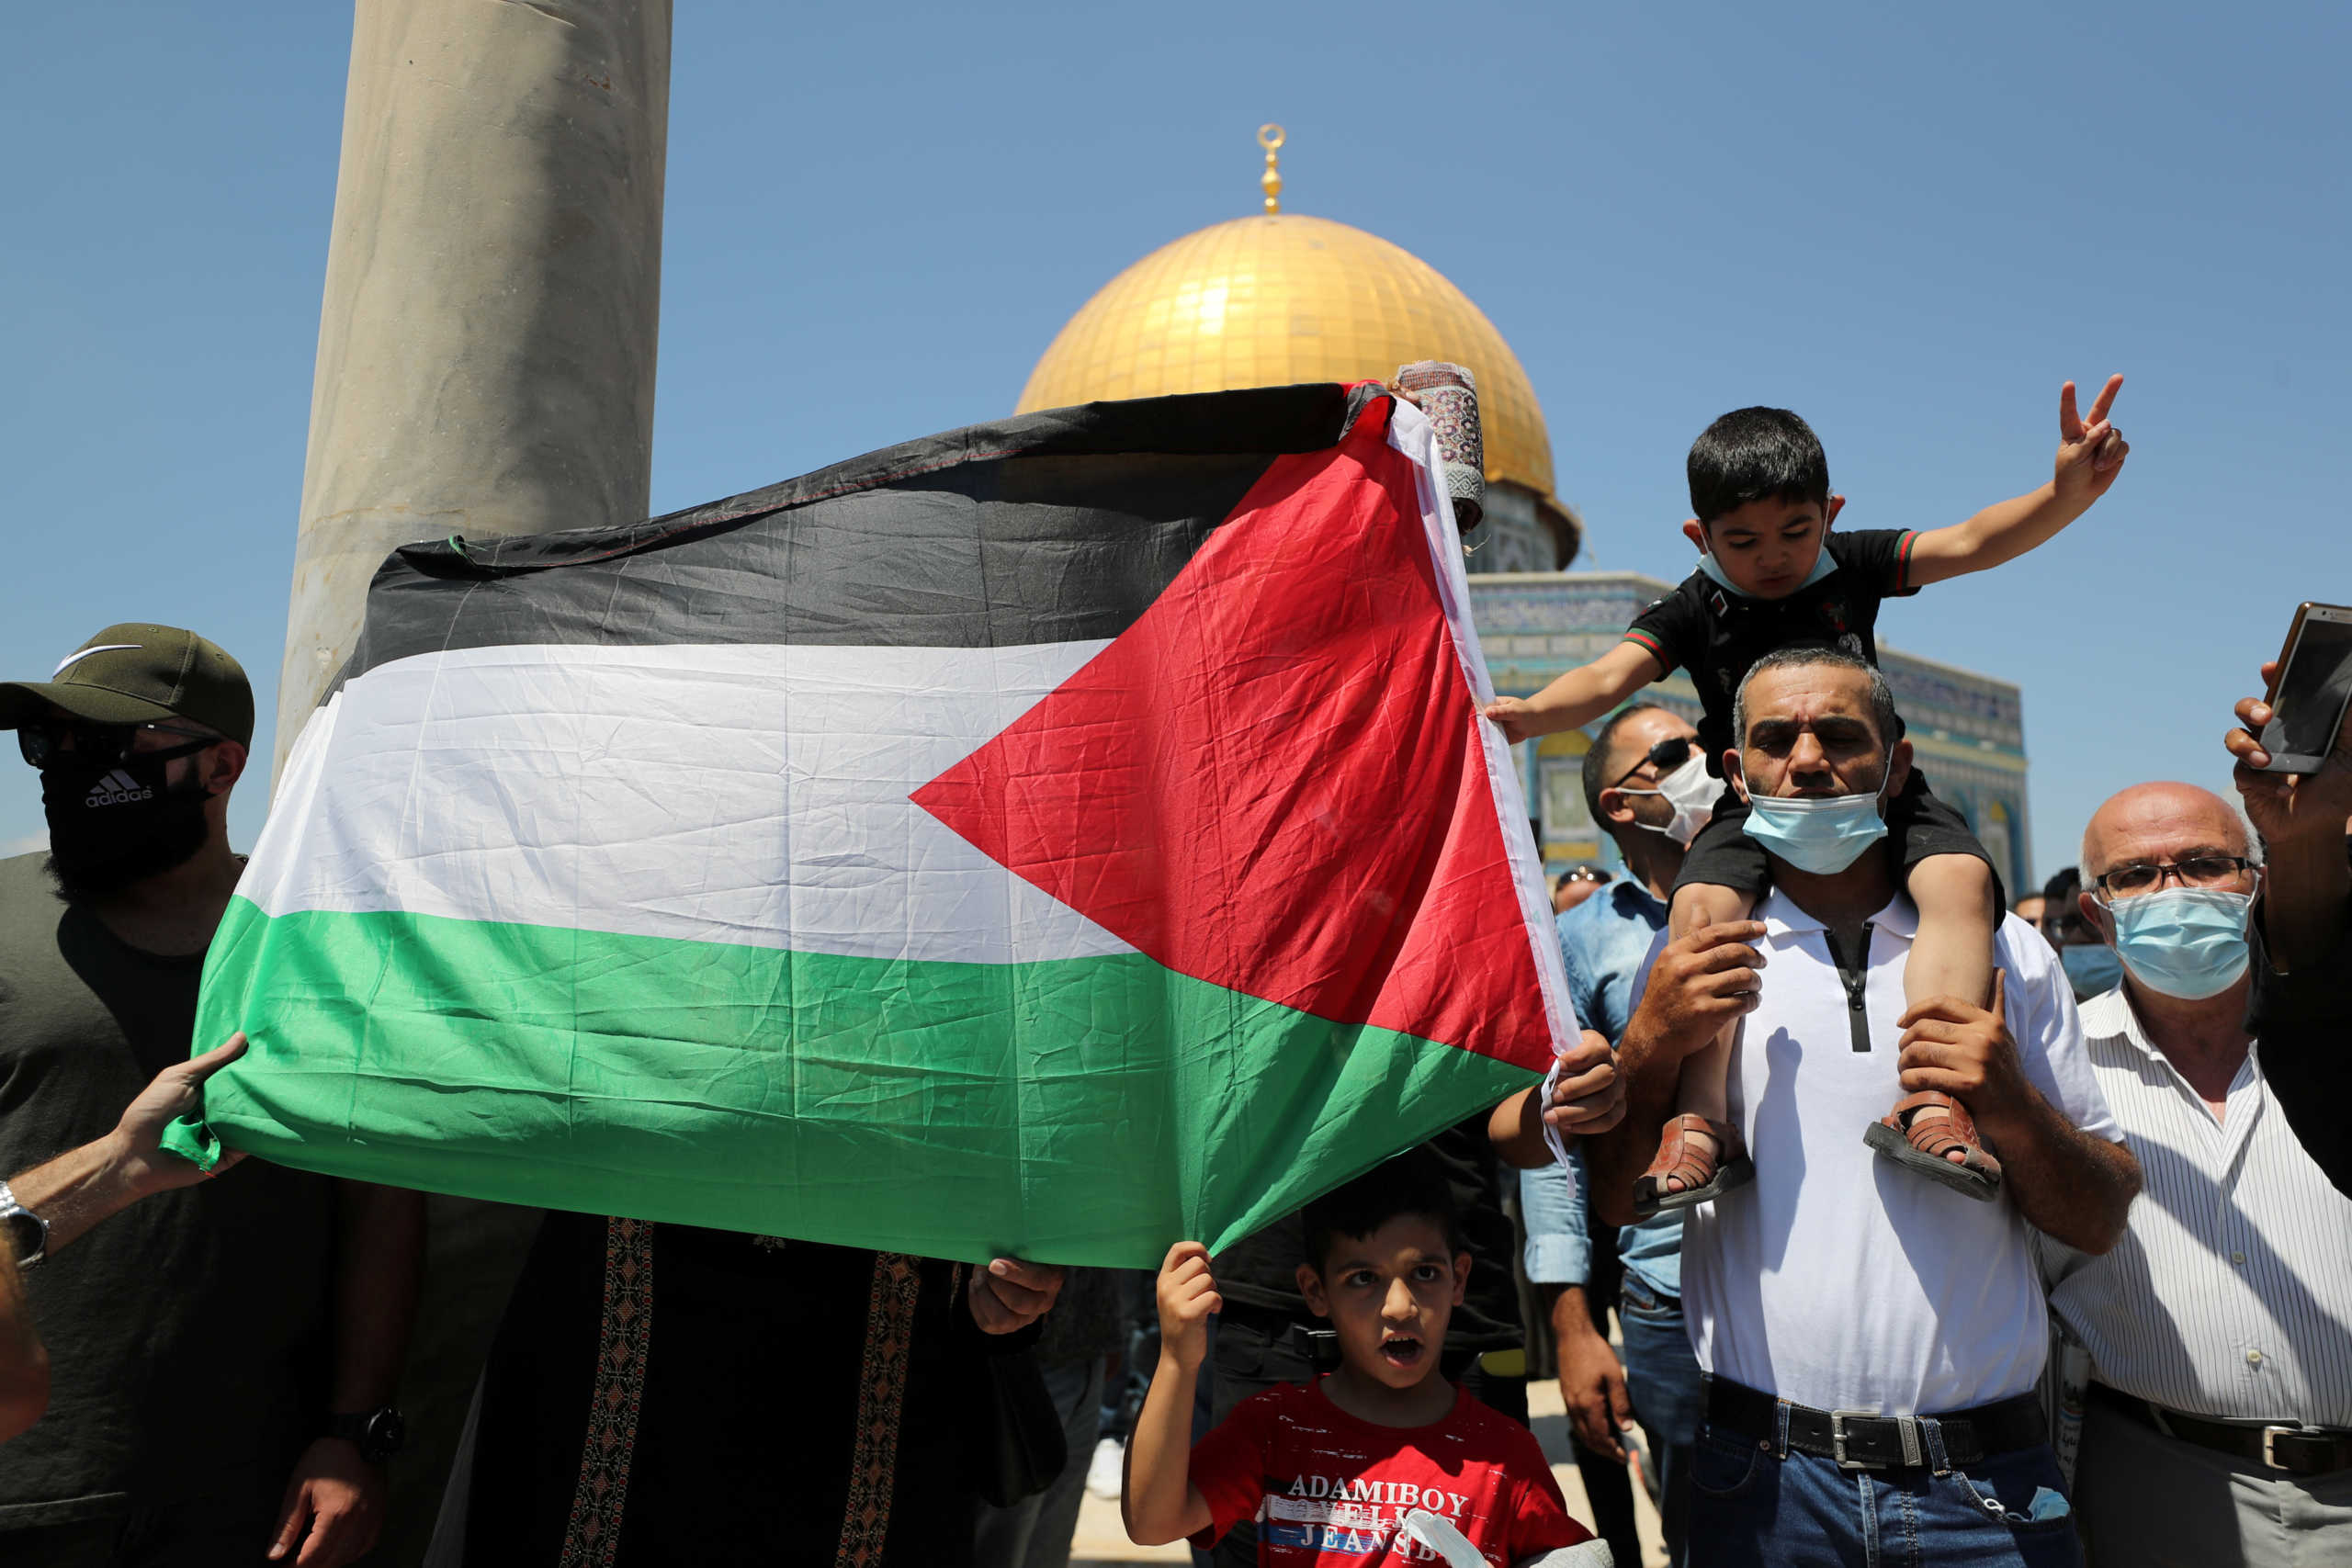 Λωρίδα της Γάζας: Νέοι βομβαρδισμοί και συγκρούσεις στον φράχτη